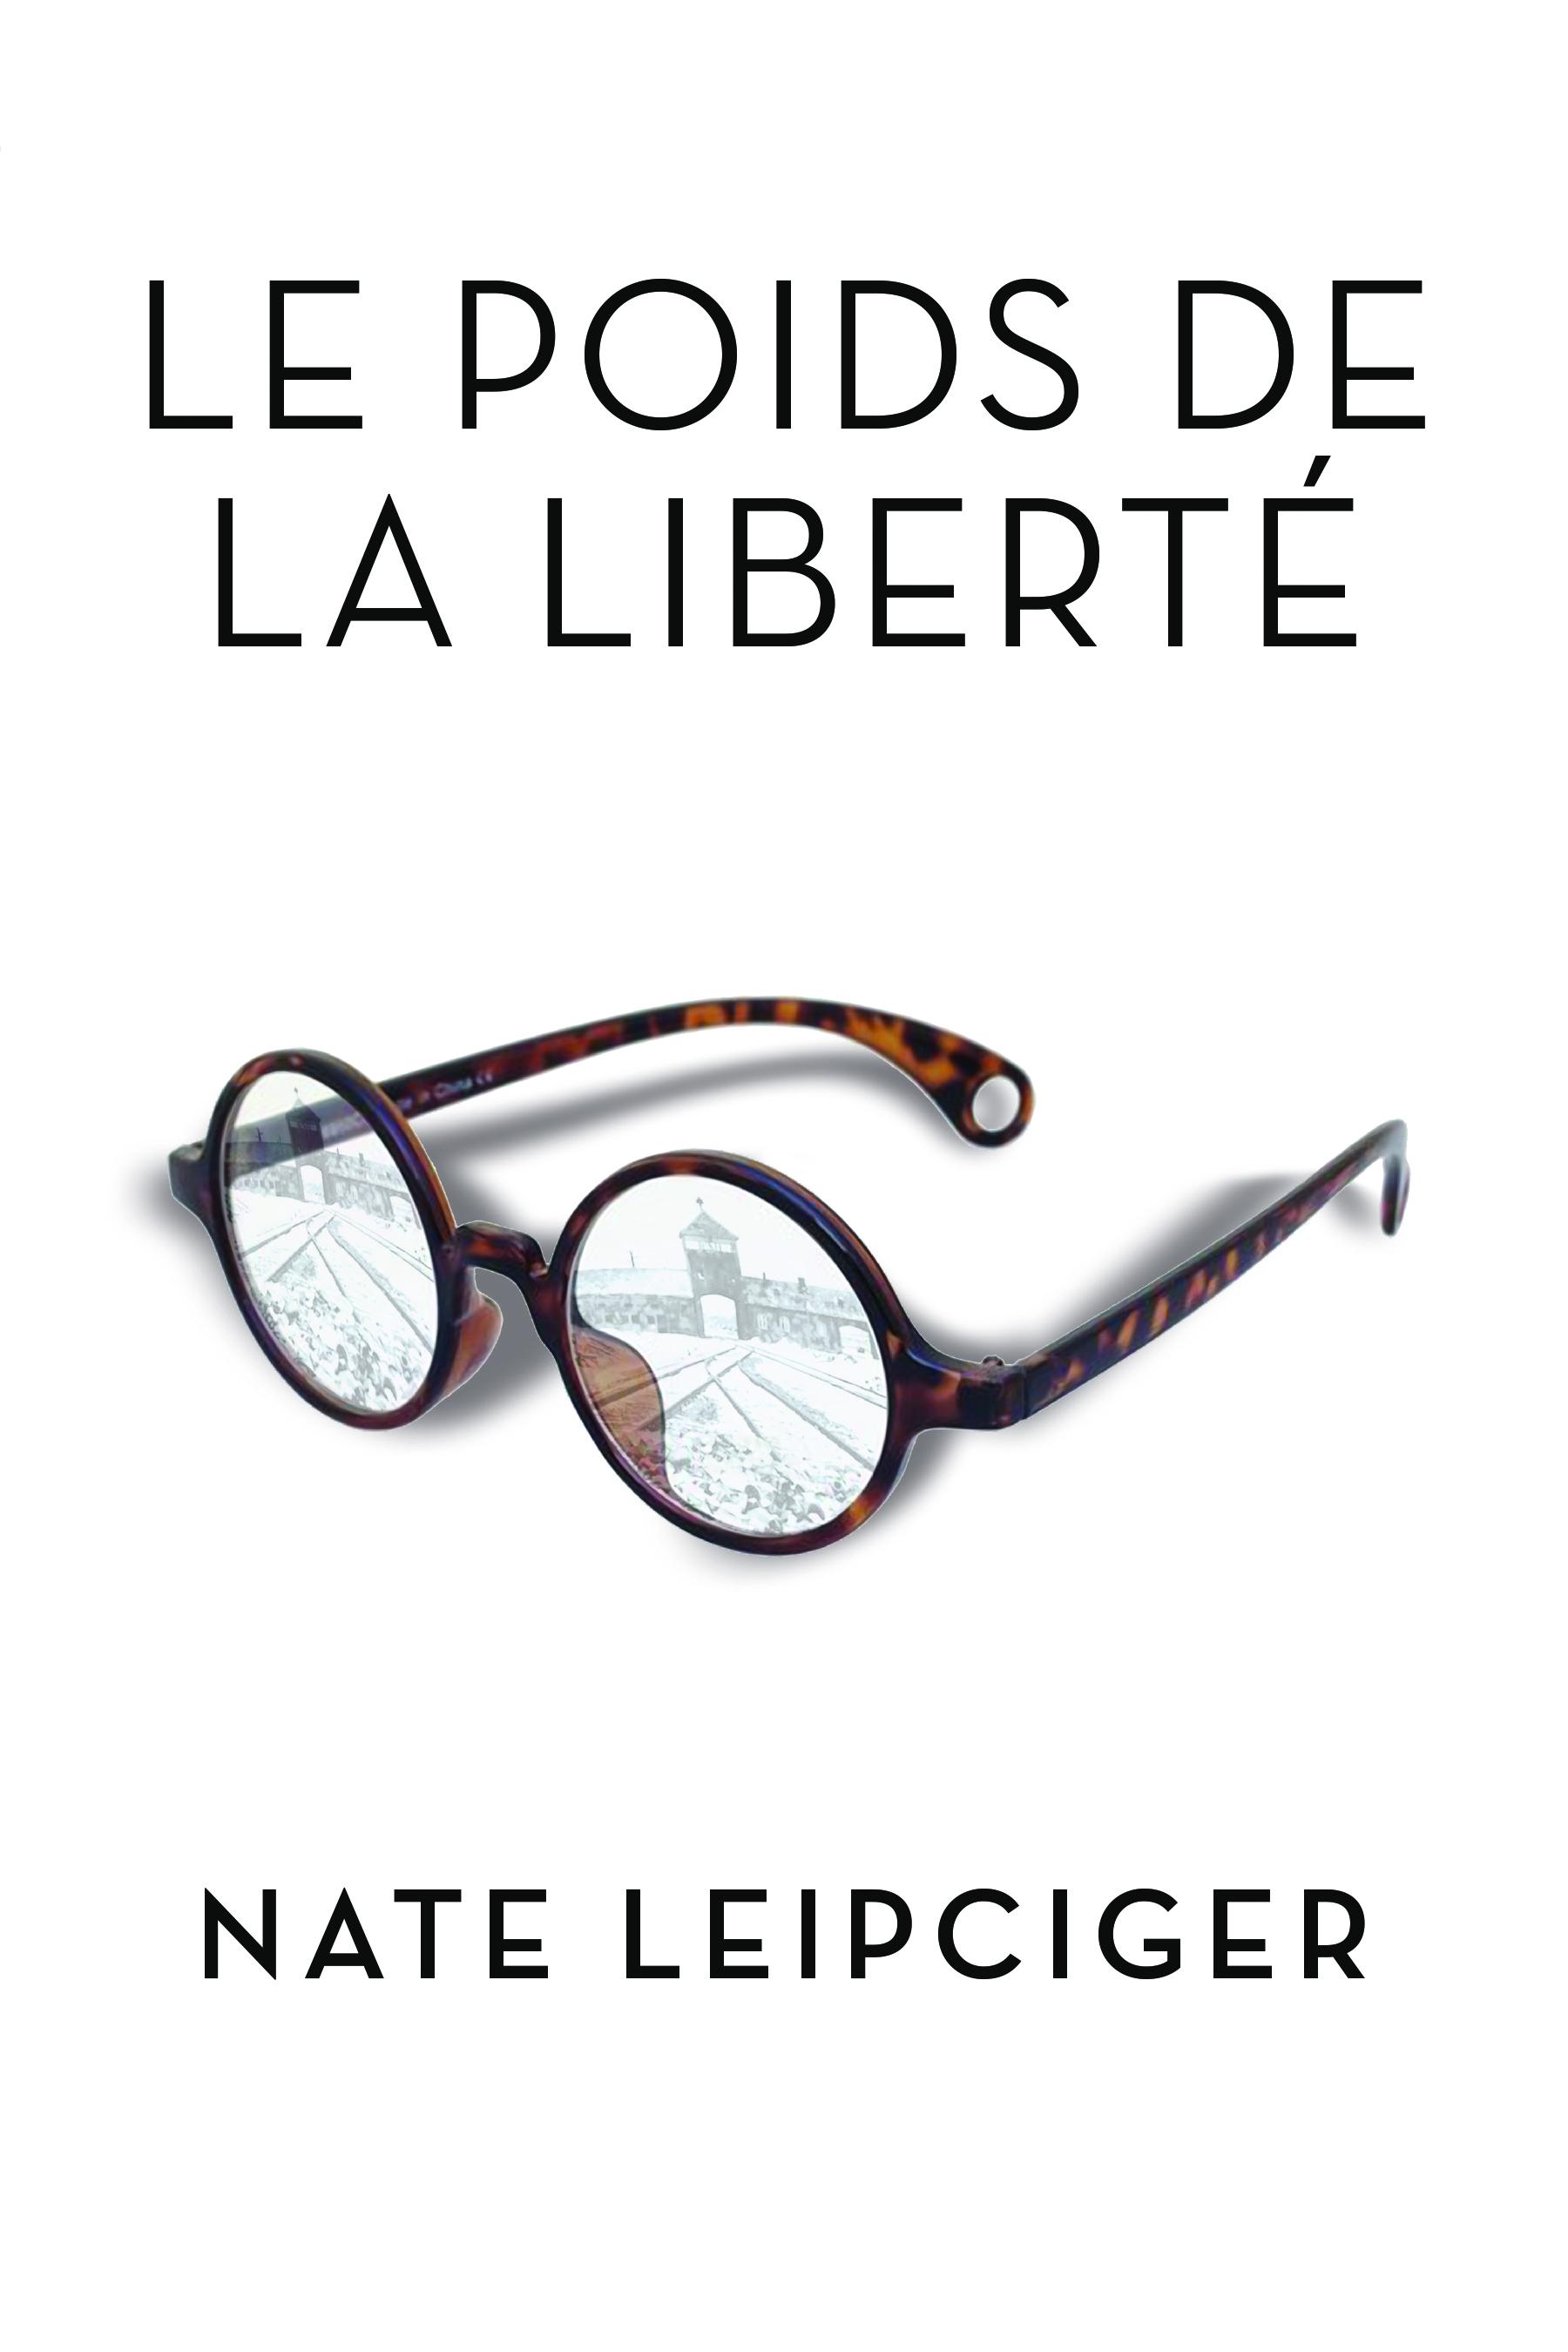 Cover of Le Poids de la liberté